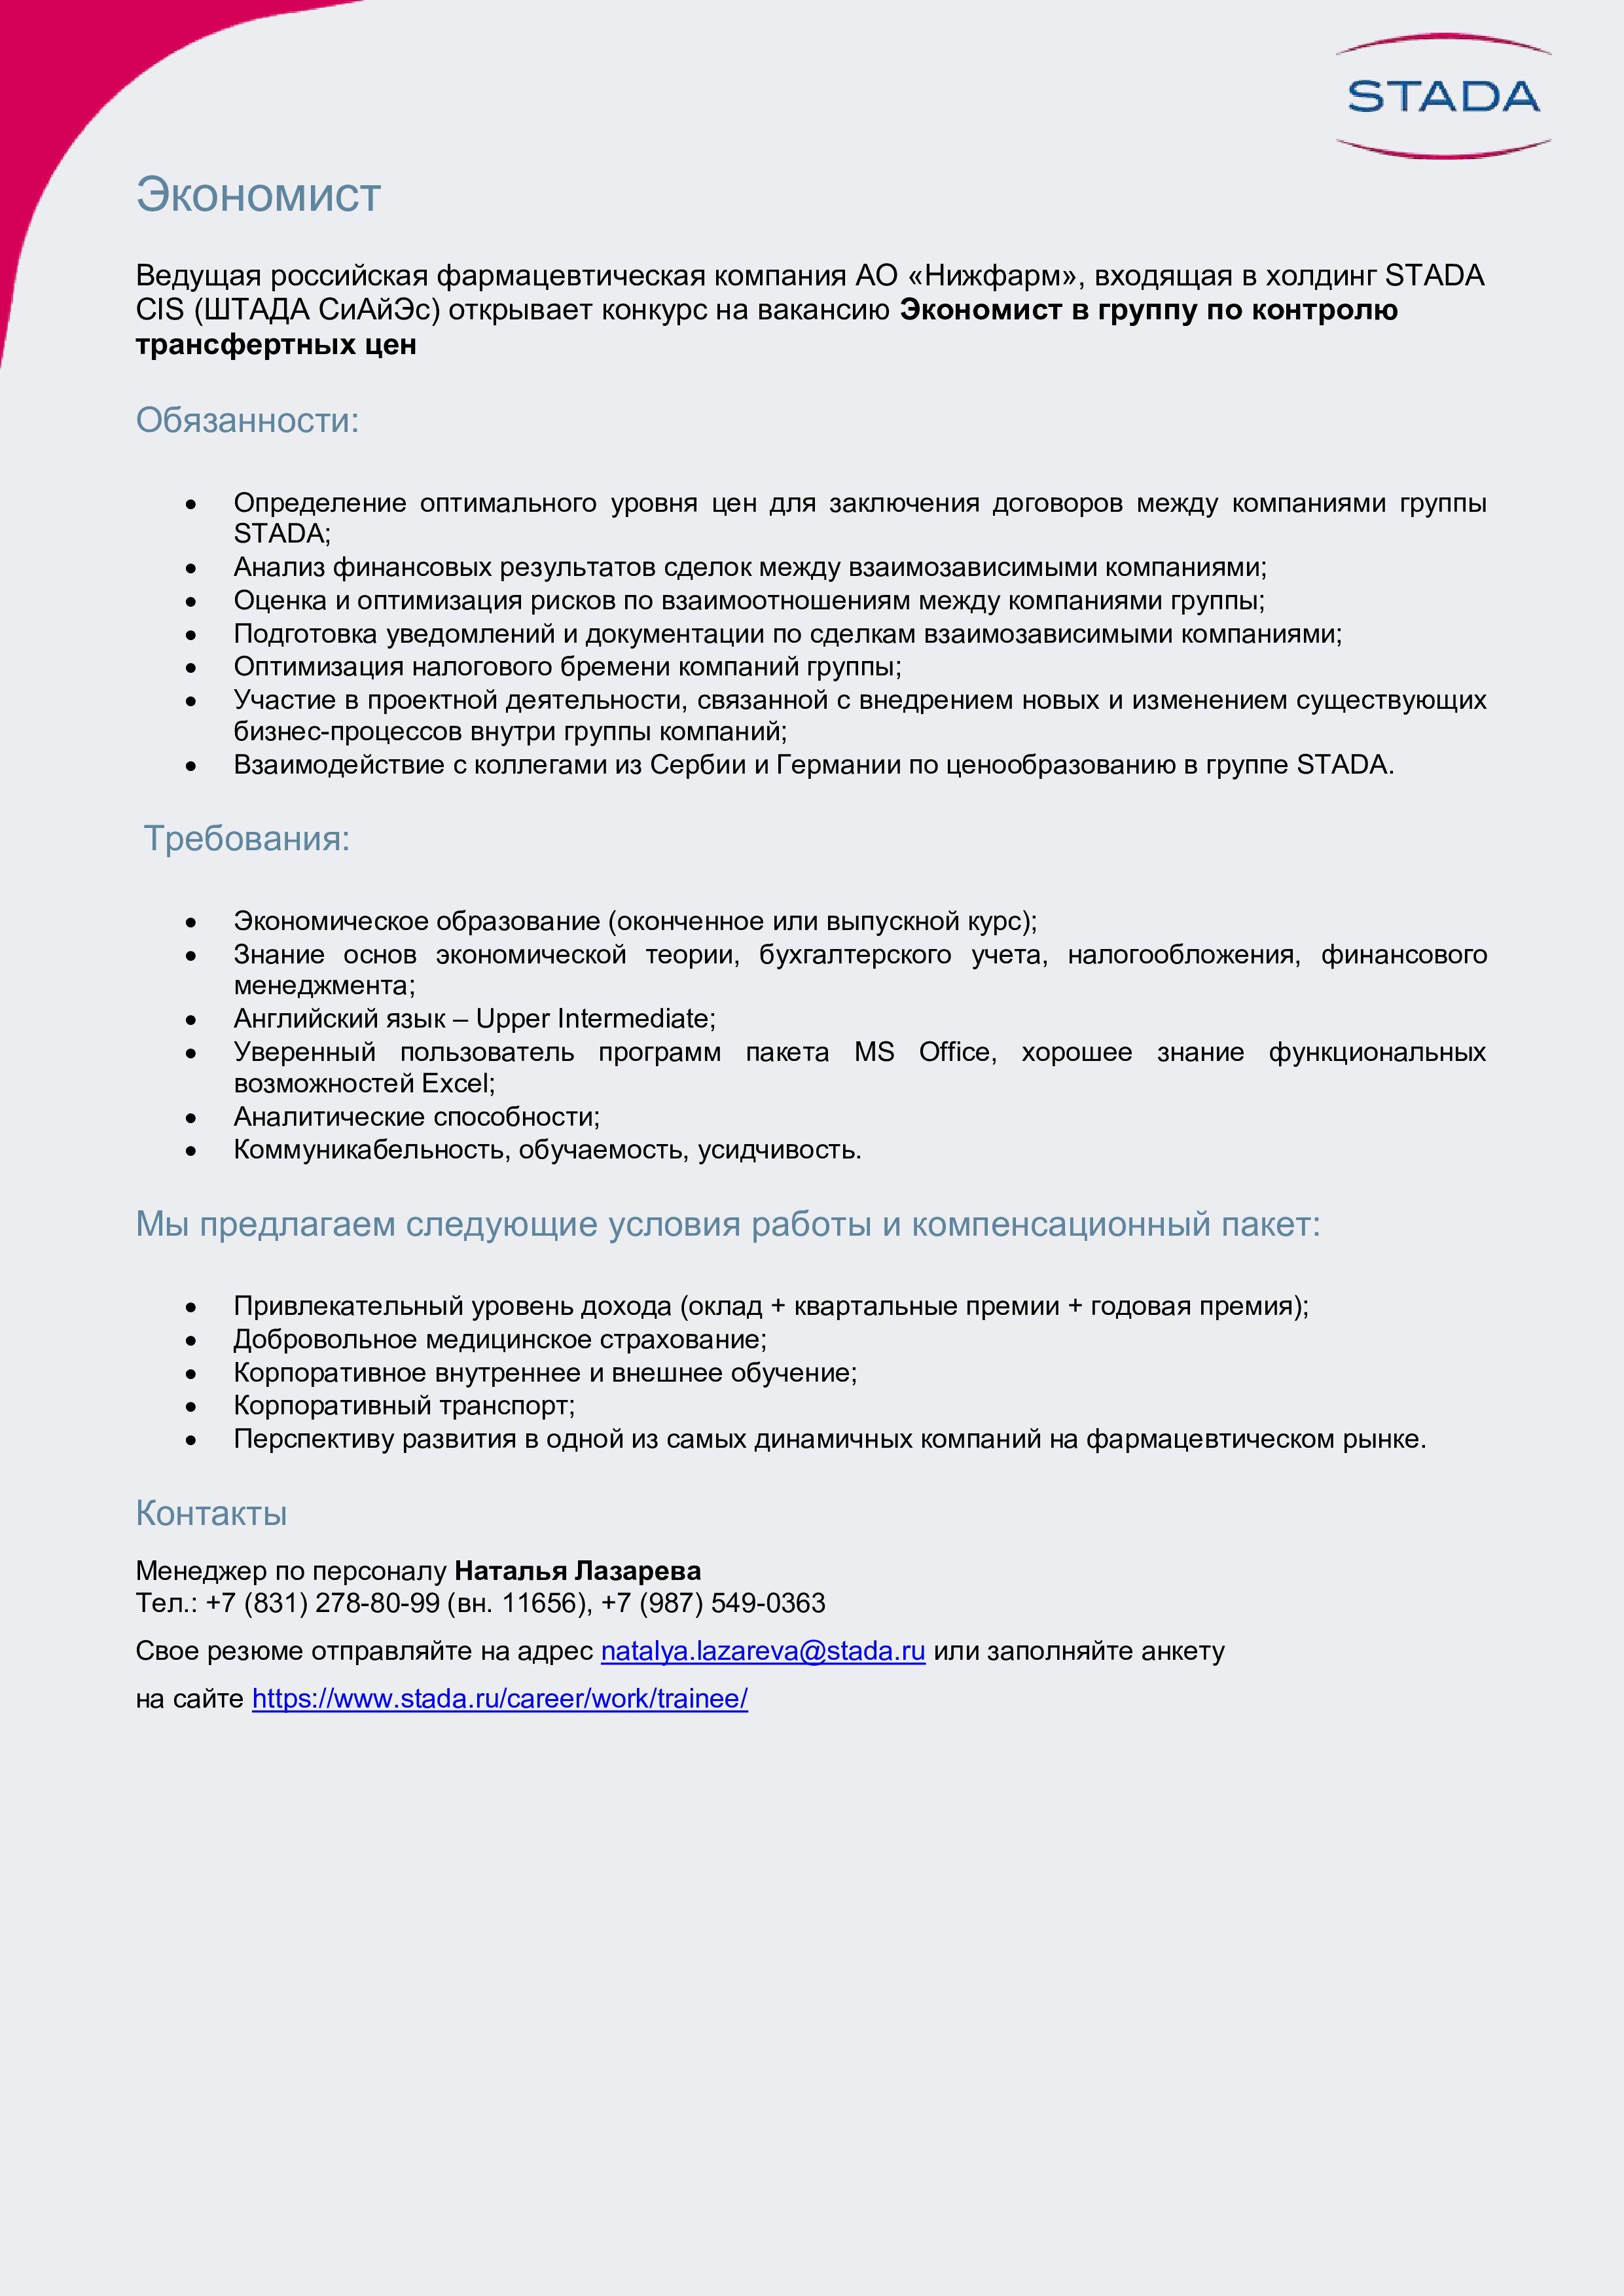 Вакансия _Экономист_Группа по контр трасферт цен_11.12.18_18